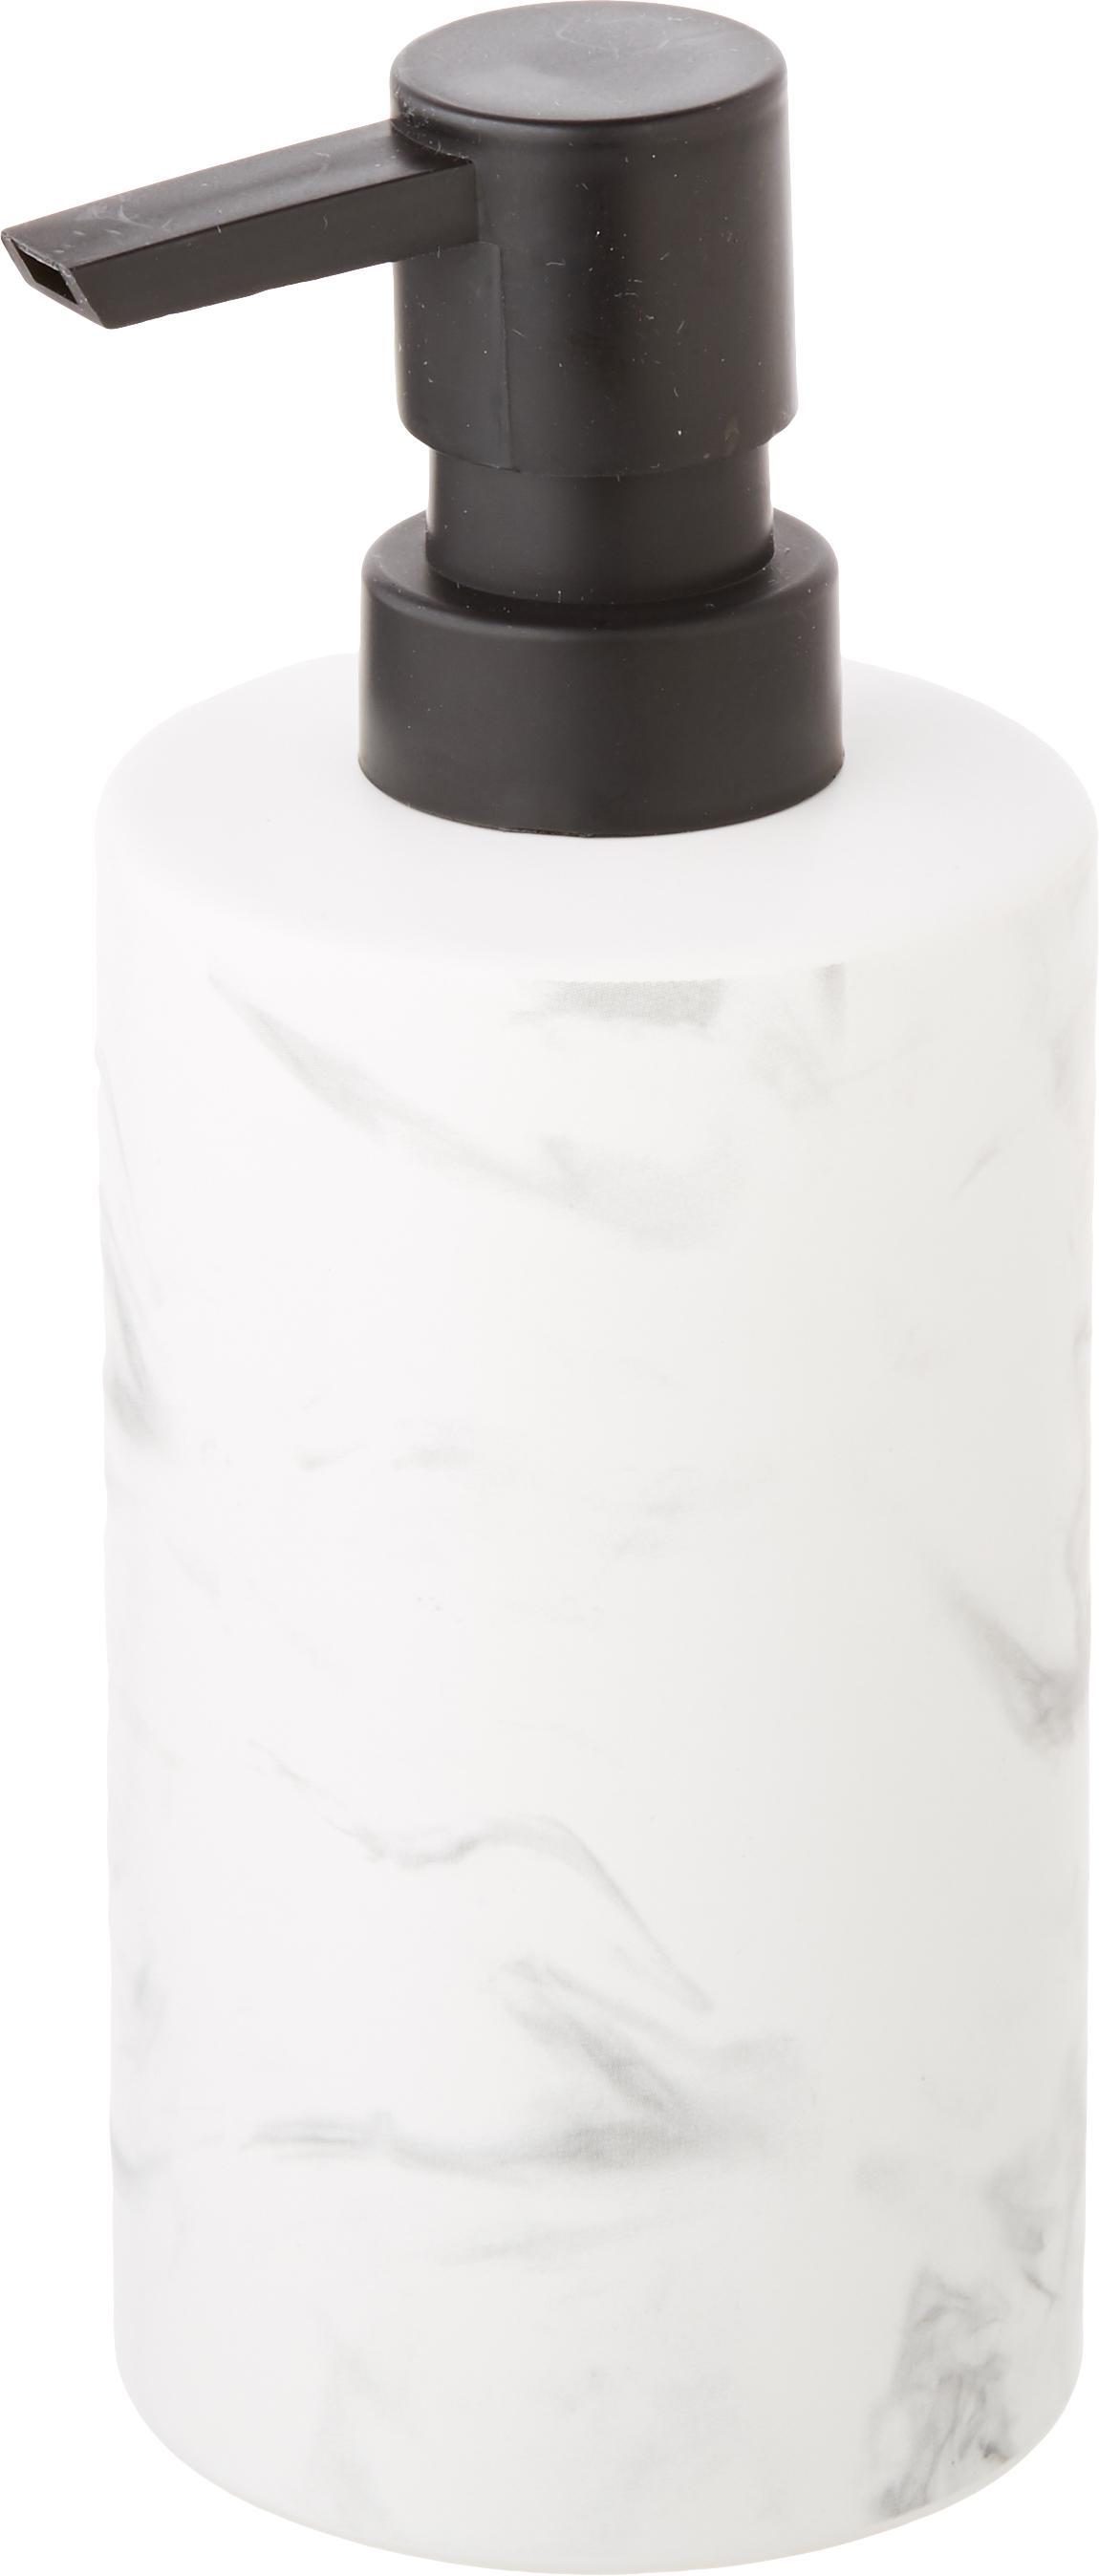 Dosatore di sapone in ceramica Daro, Contenitore: ceramica, Testa della pompa: metallo rivestito, Bianco, nero, Ø 7 x Alt. 18 cm